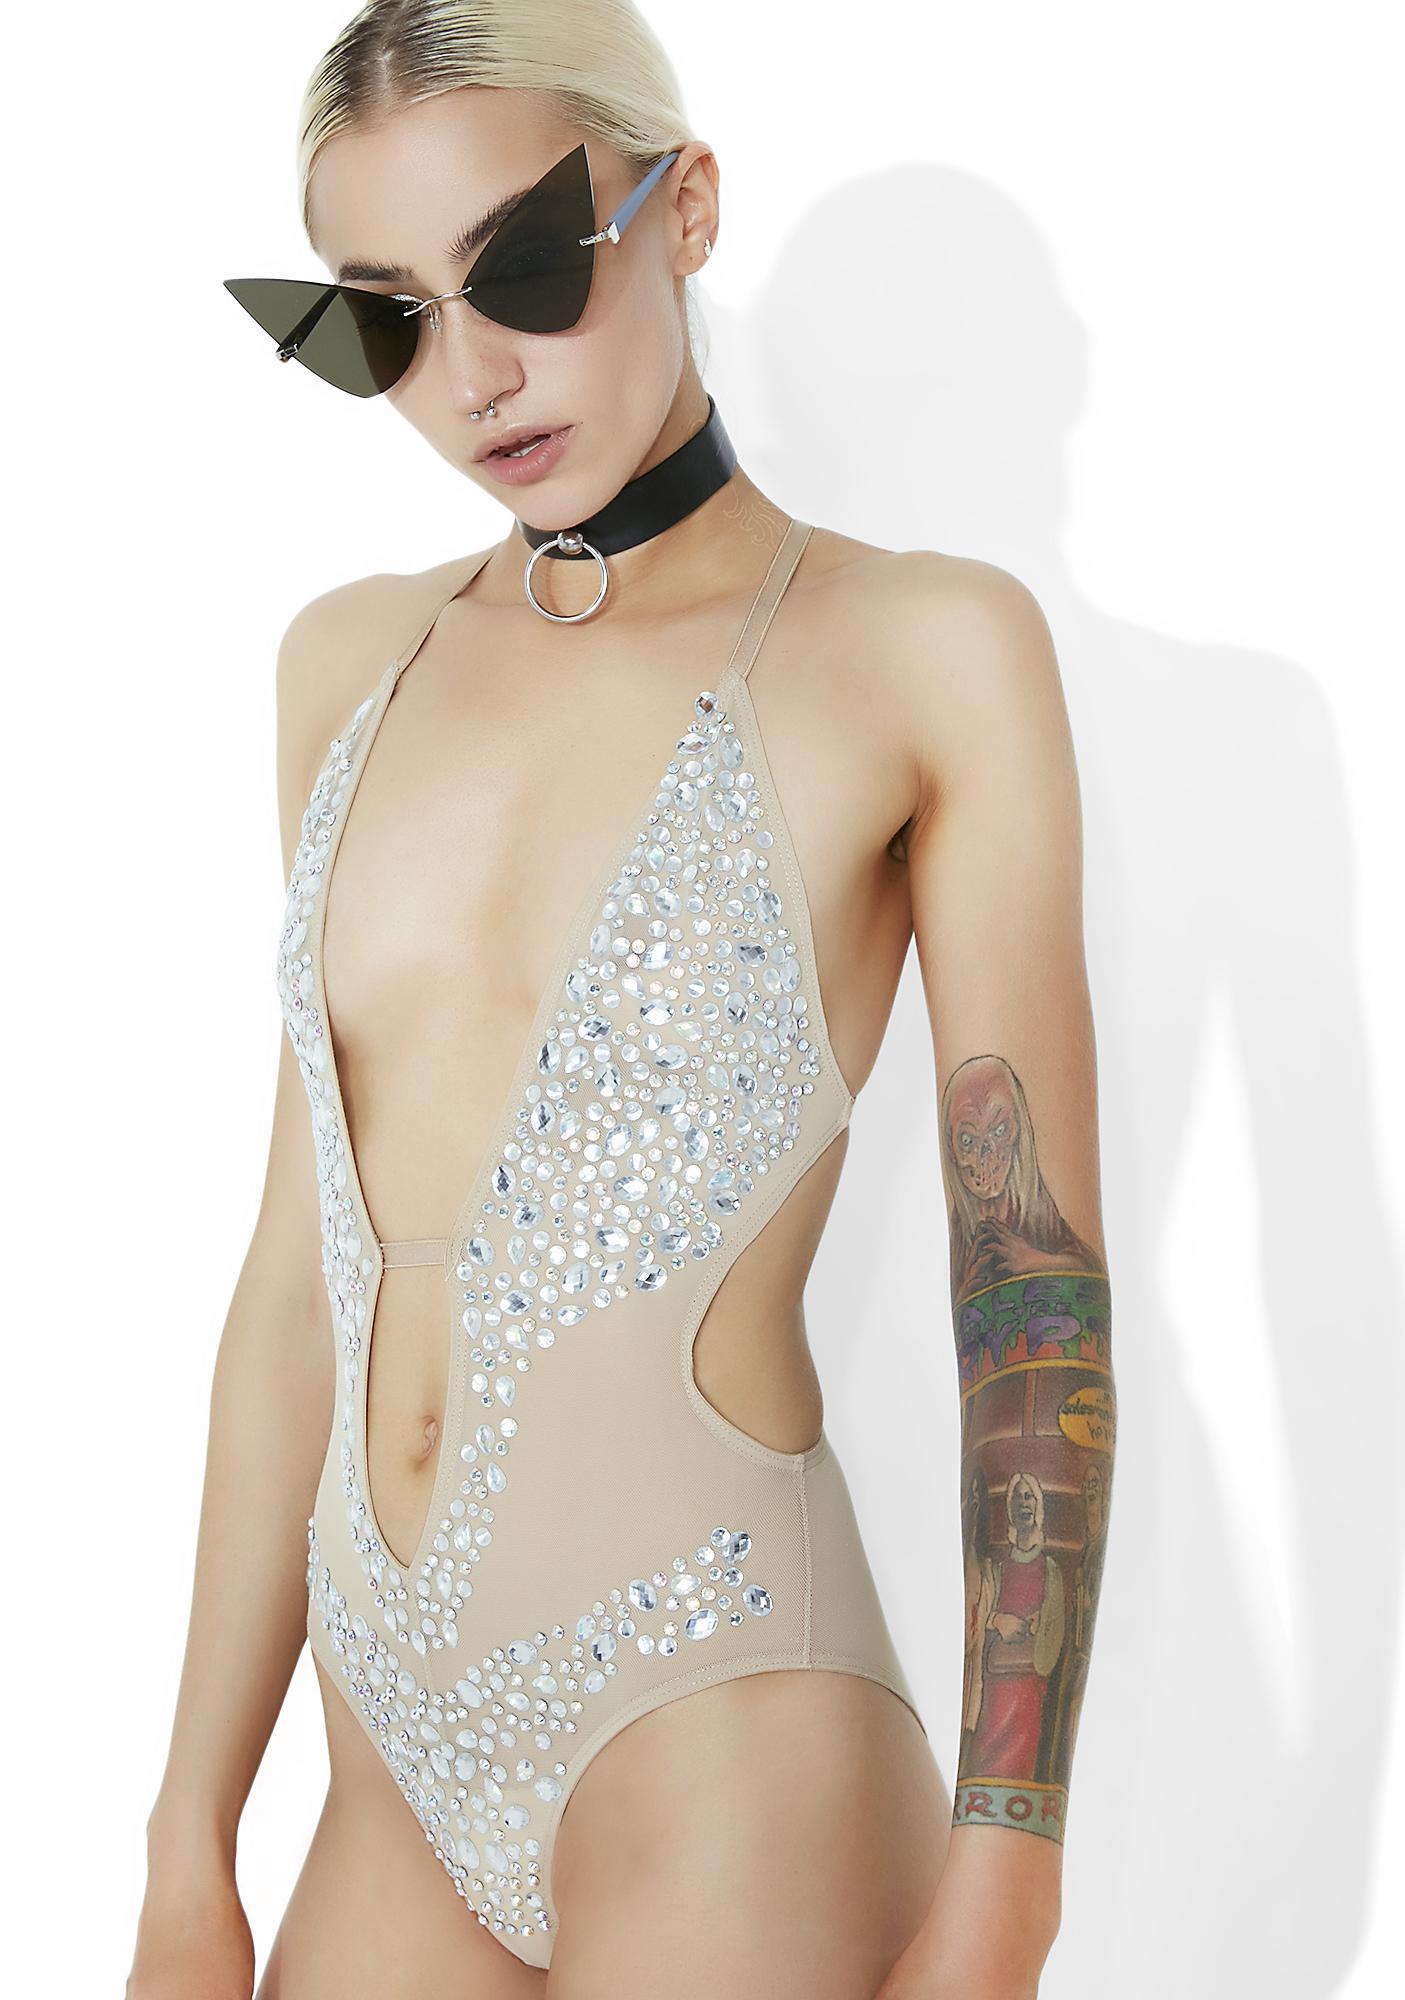 Kiki Riki Crystalline Dreamz Sheer Bodysuit